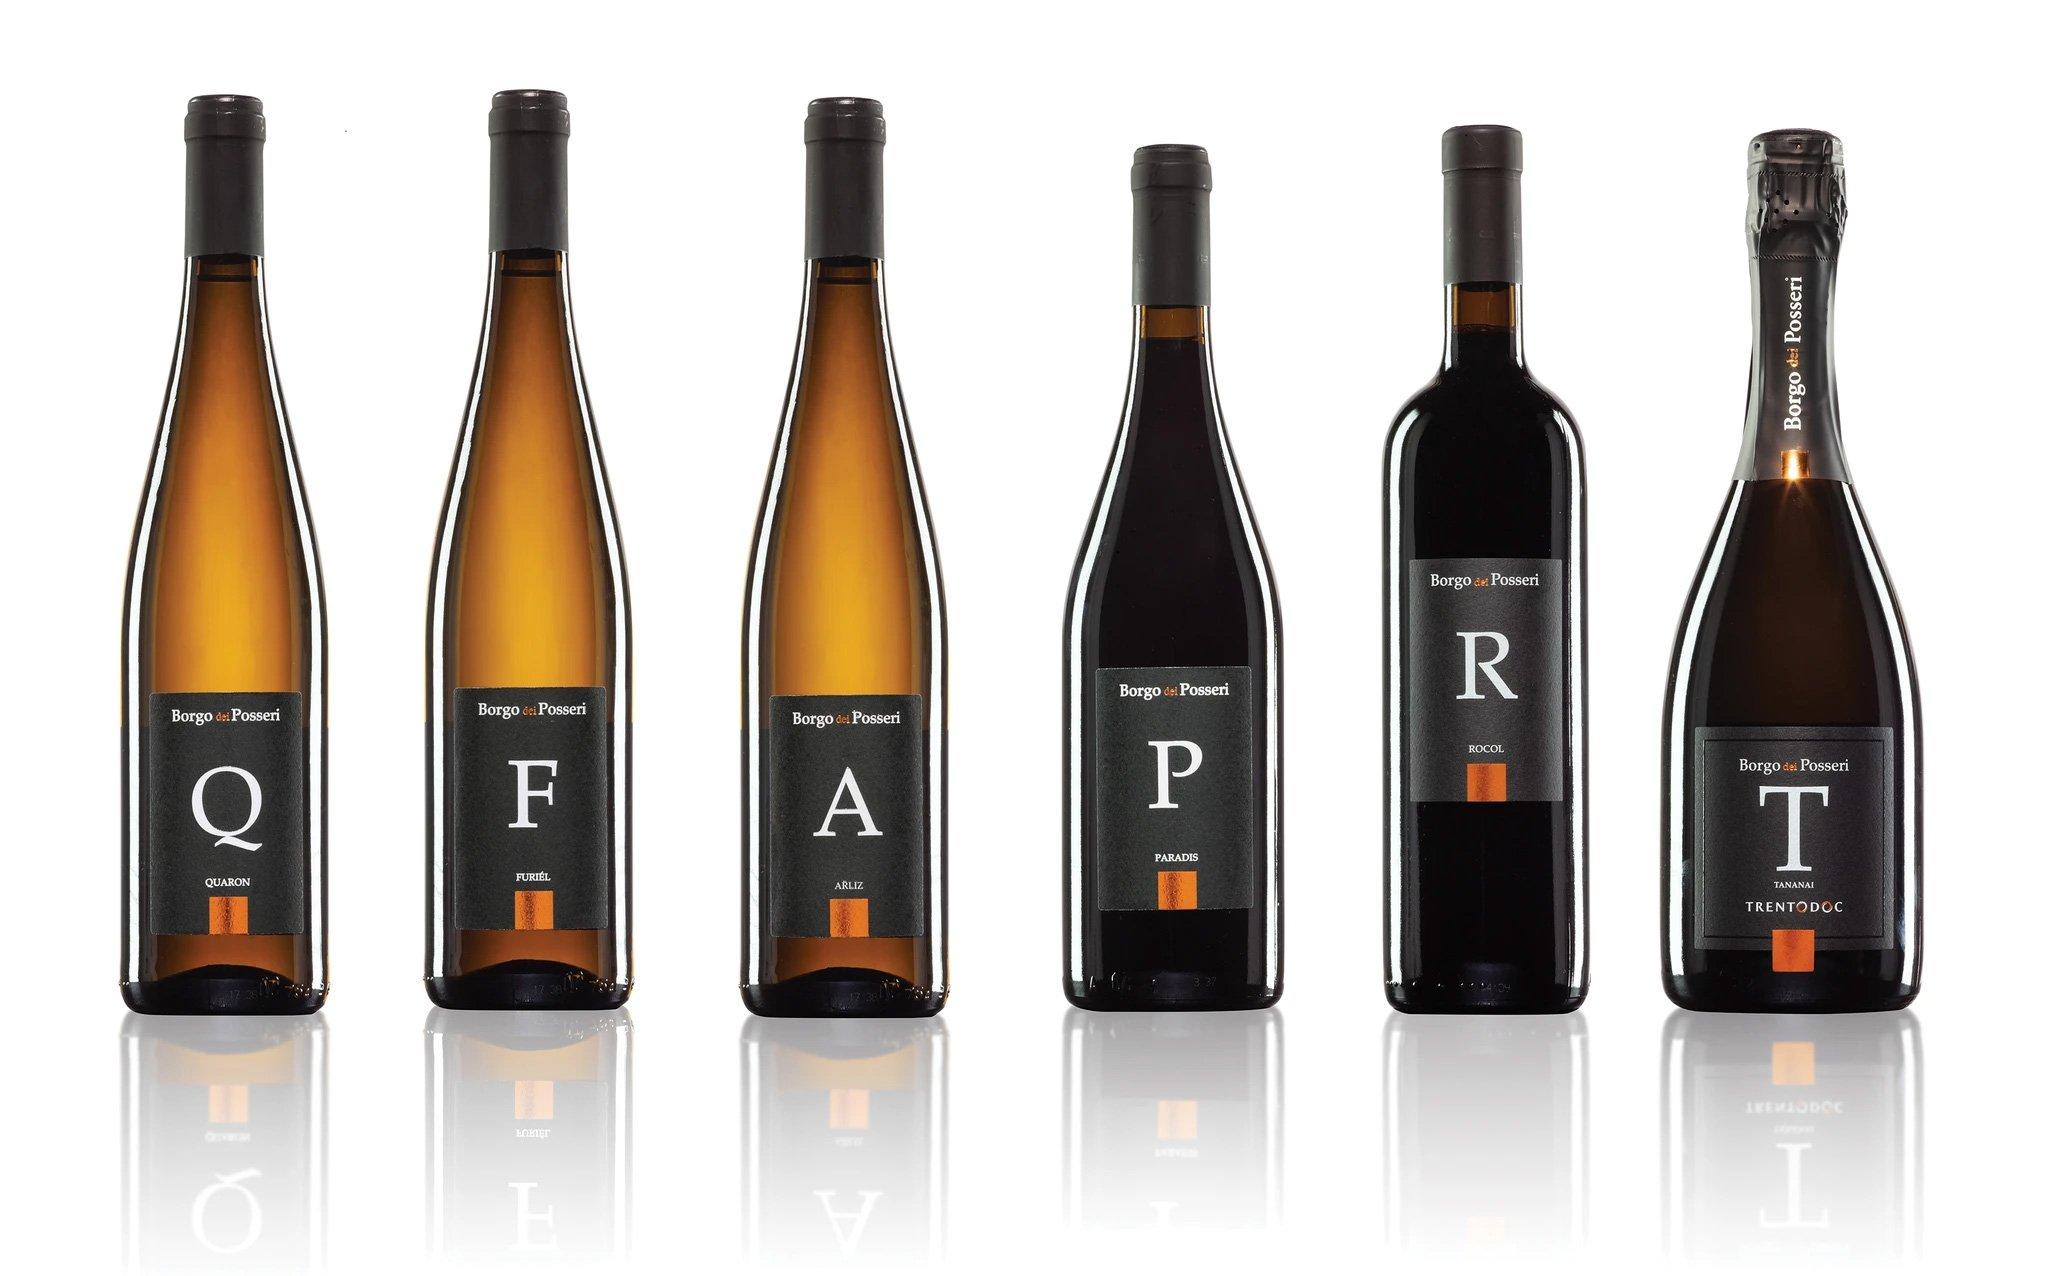 Box vini di montagna - Borgo dei posseri